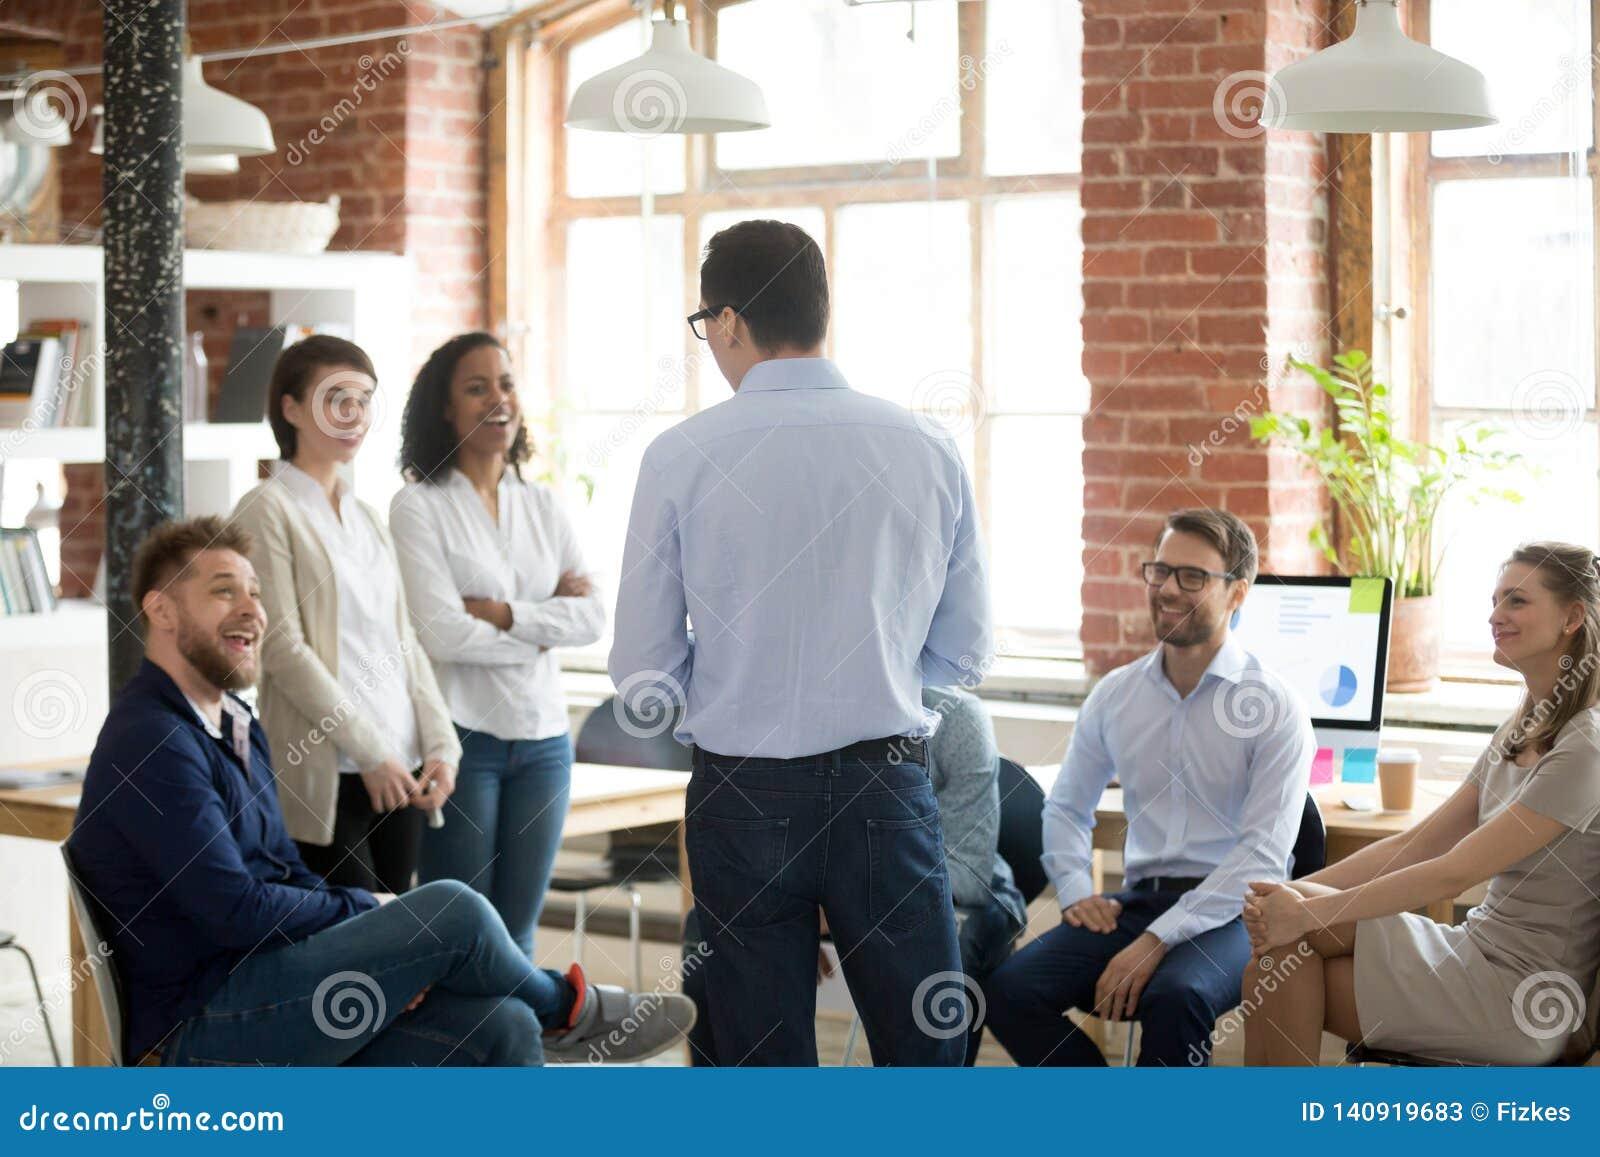 Unternehmensleitermanager, der mit Gesellschaftern während der Anweisung spricht